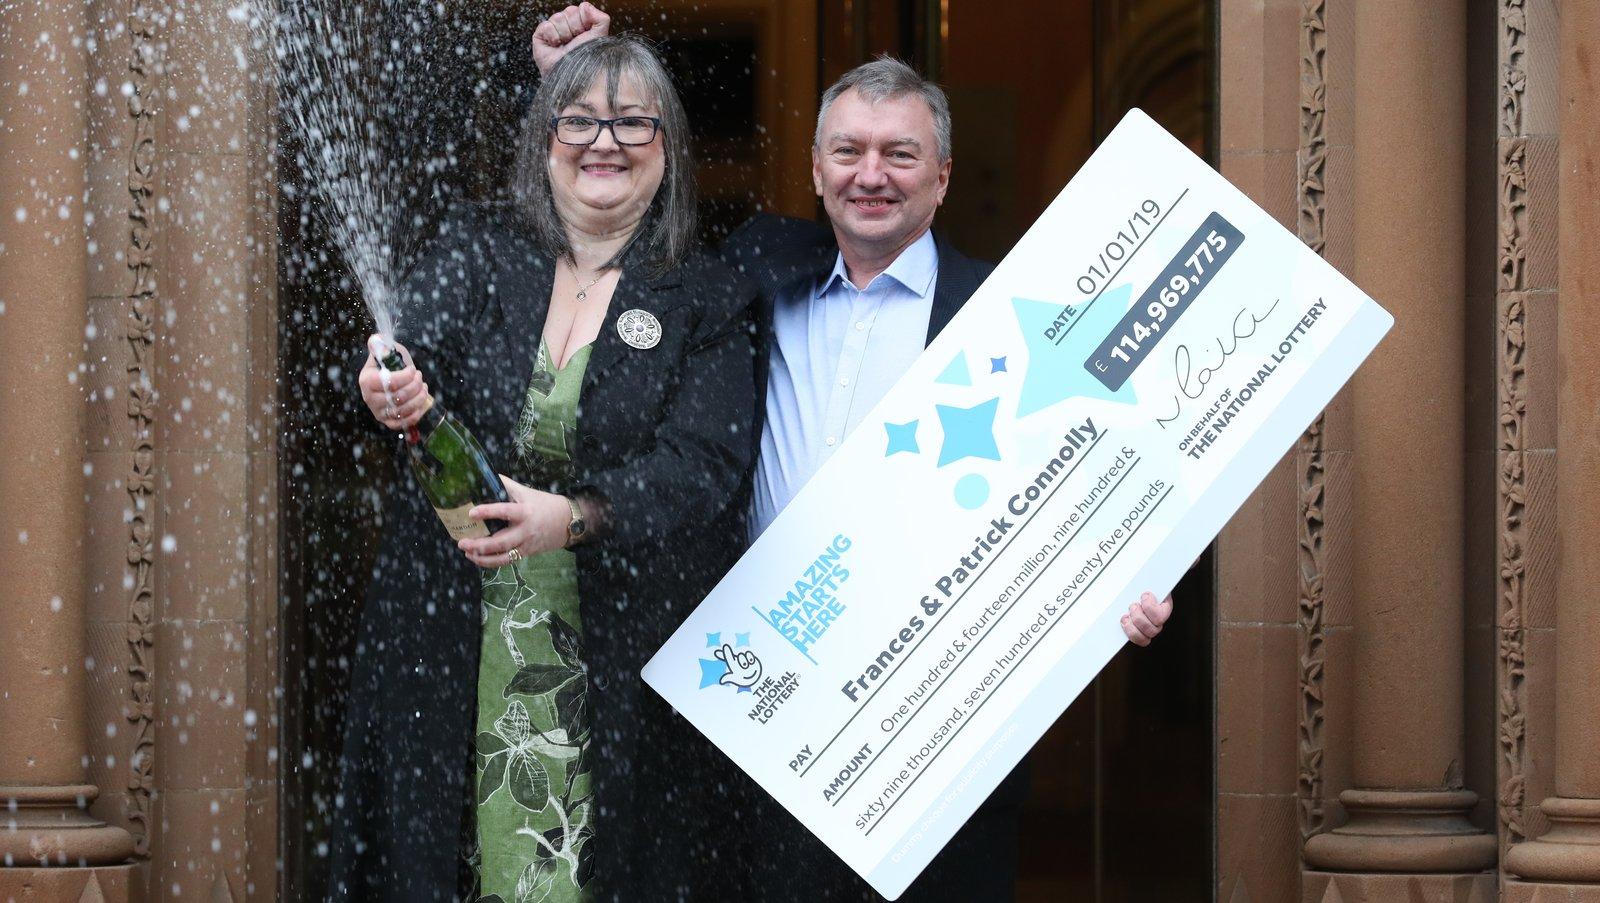 победители лотереи евромиллион